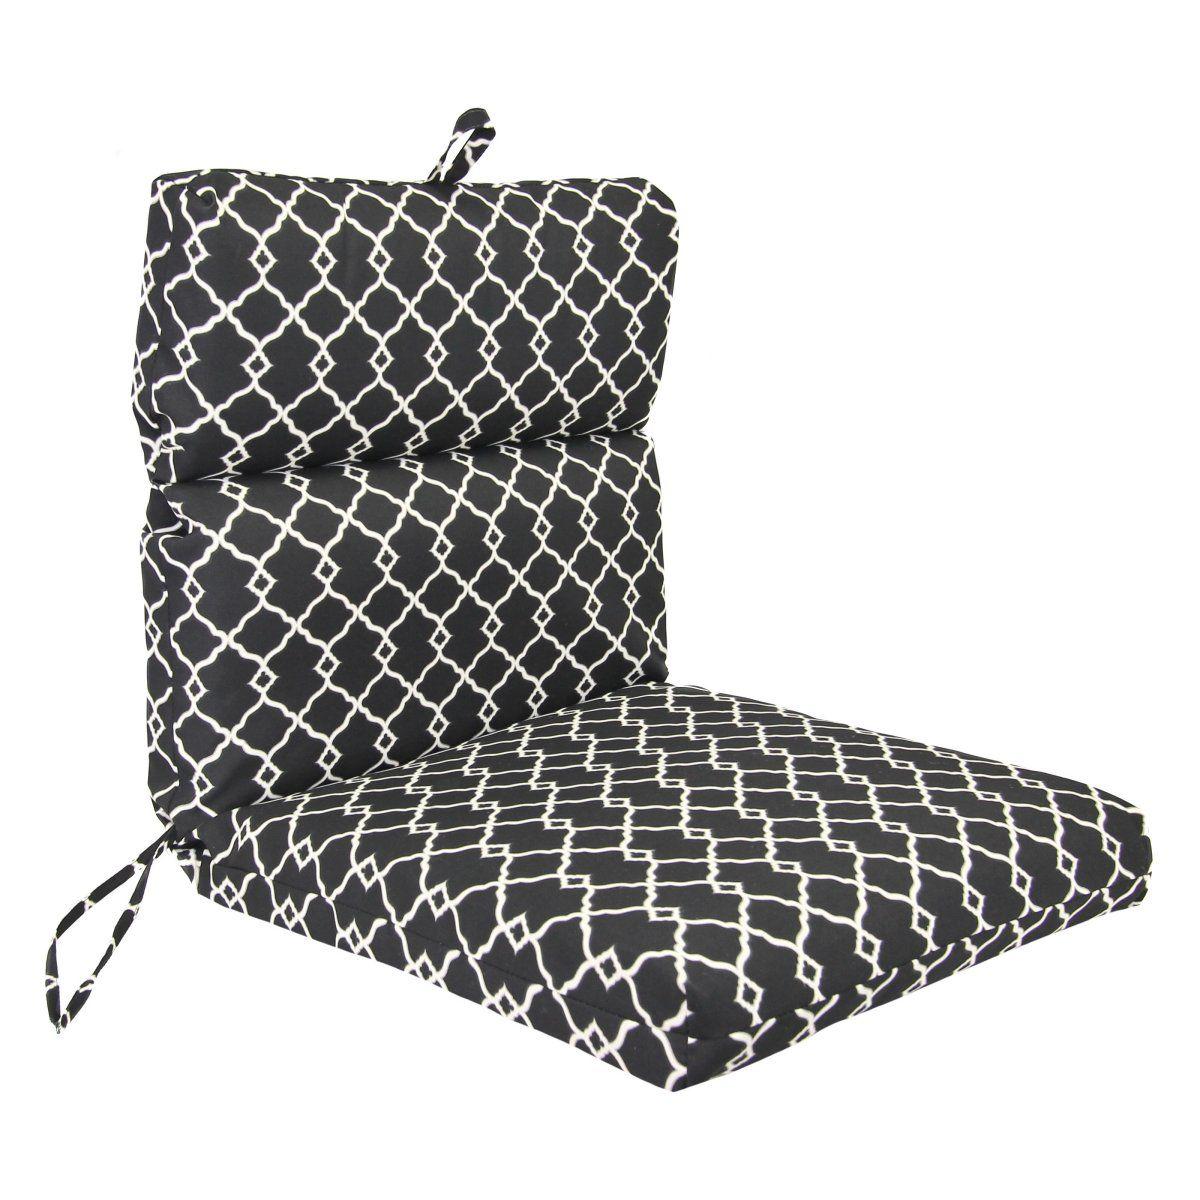 Jordan Manufacturing 22 X 44 Chair Cushion Outdoor Cushions At